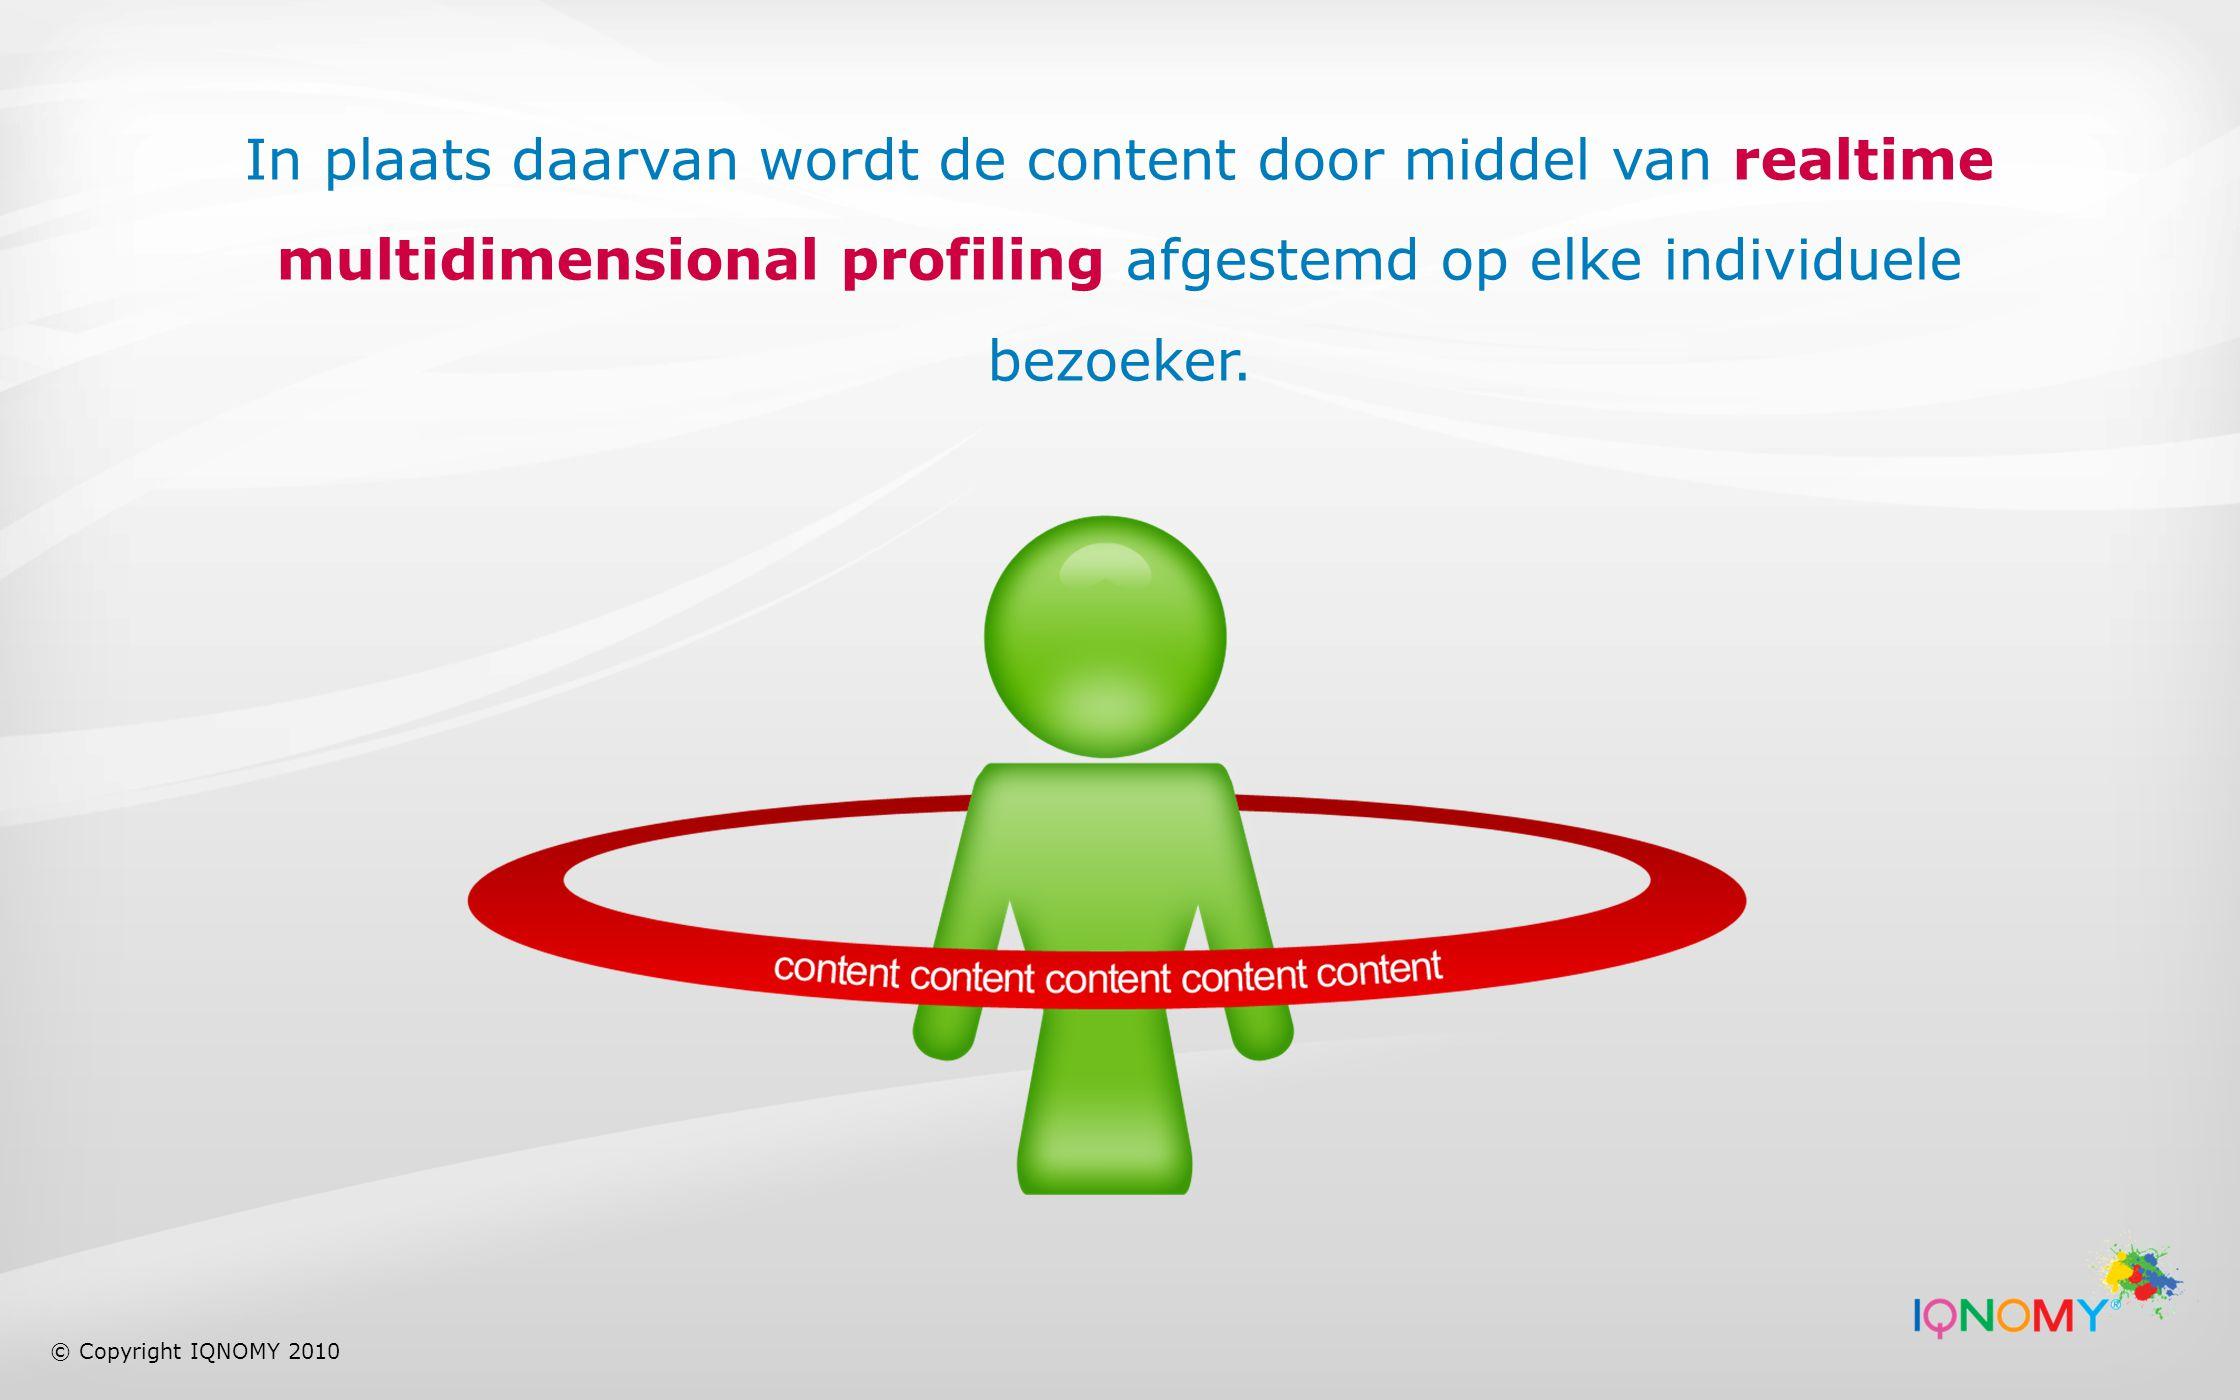 In plaats daarvan wordt de content door middel van realtime multidimensional profiling afgestemd op elke individuele bezoeker.